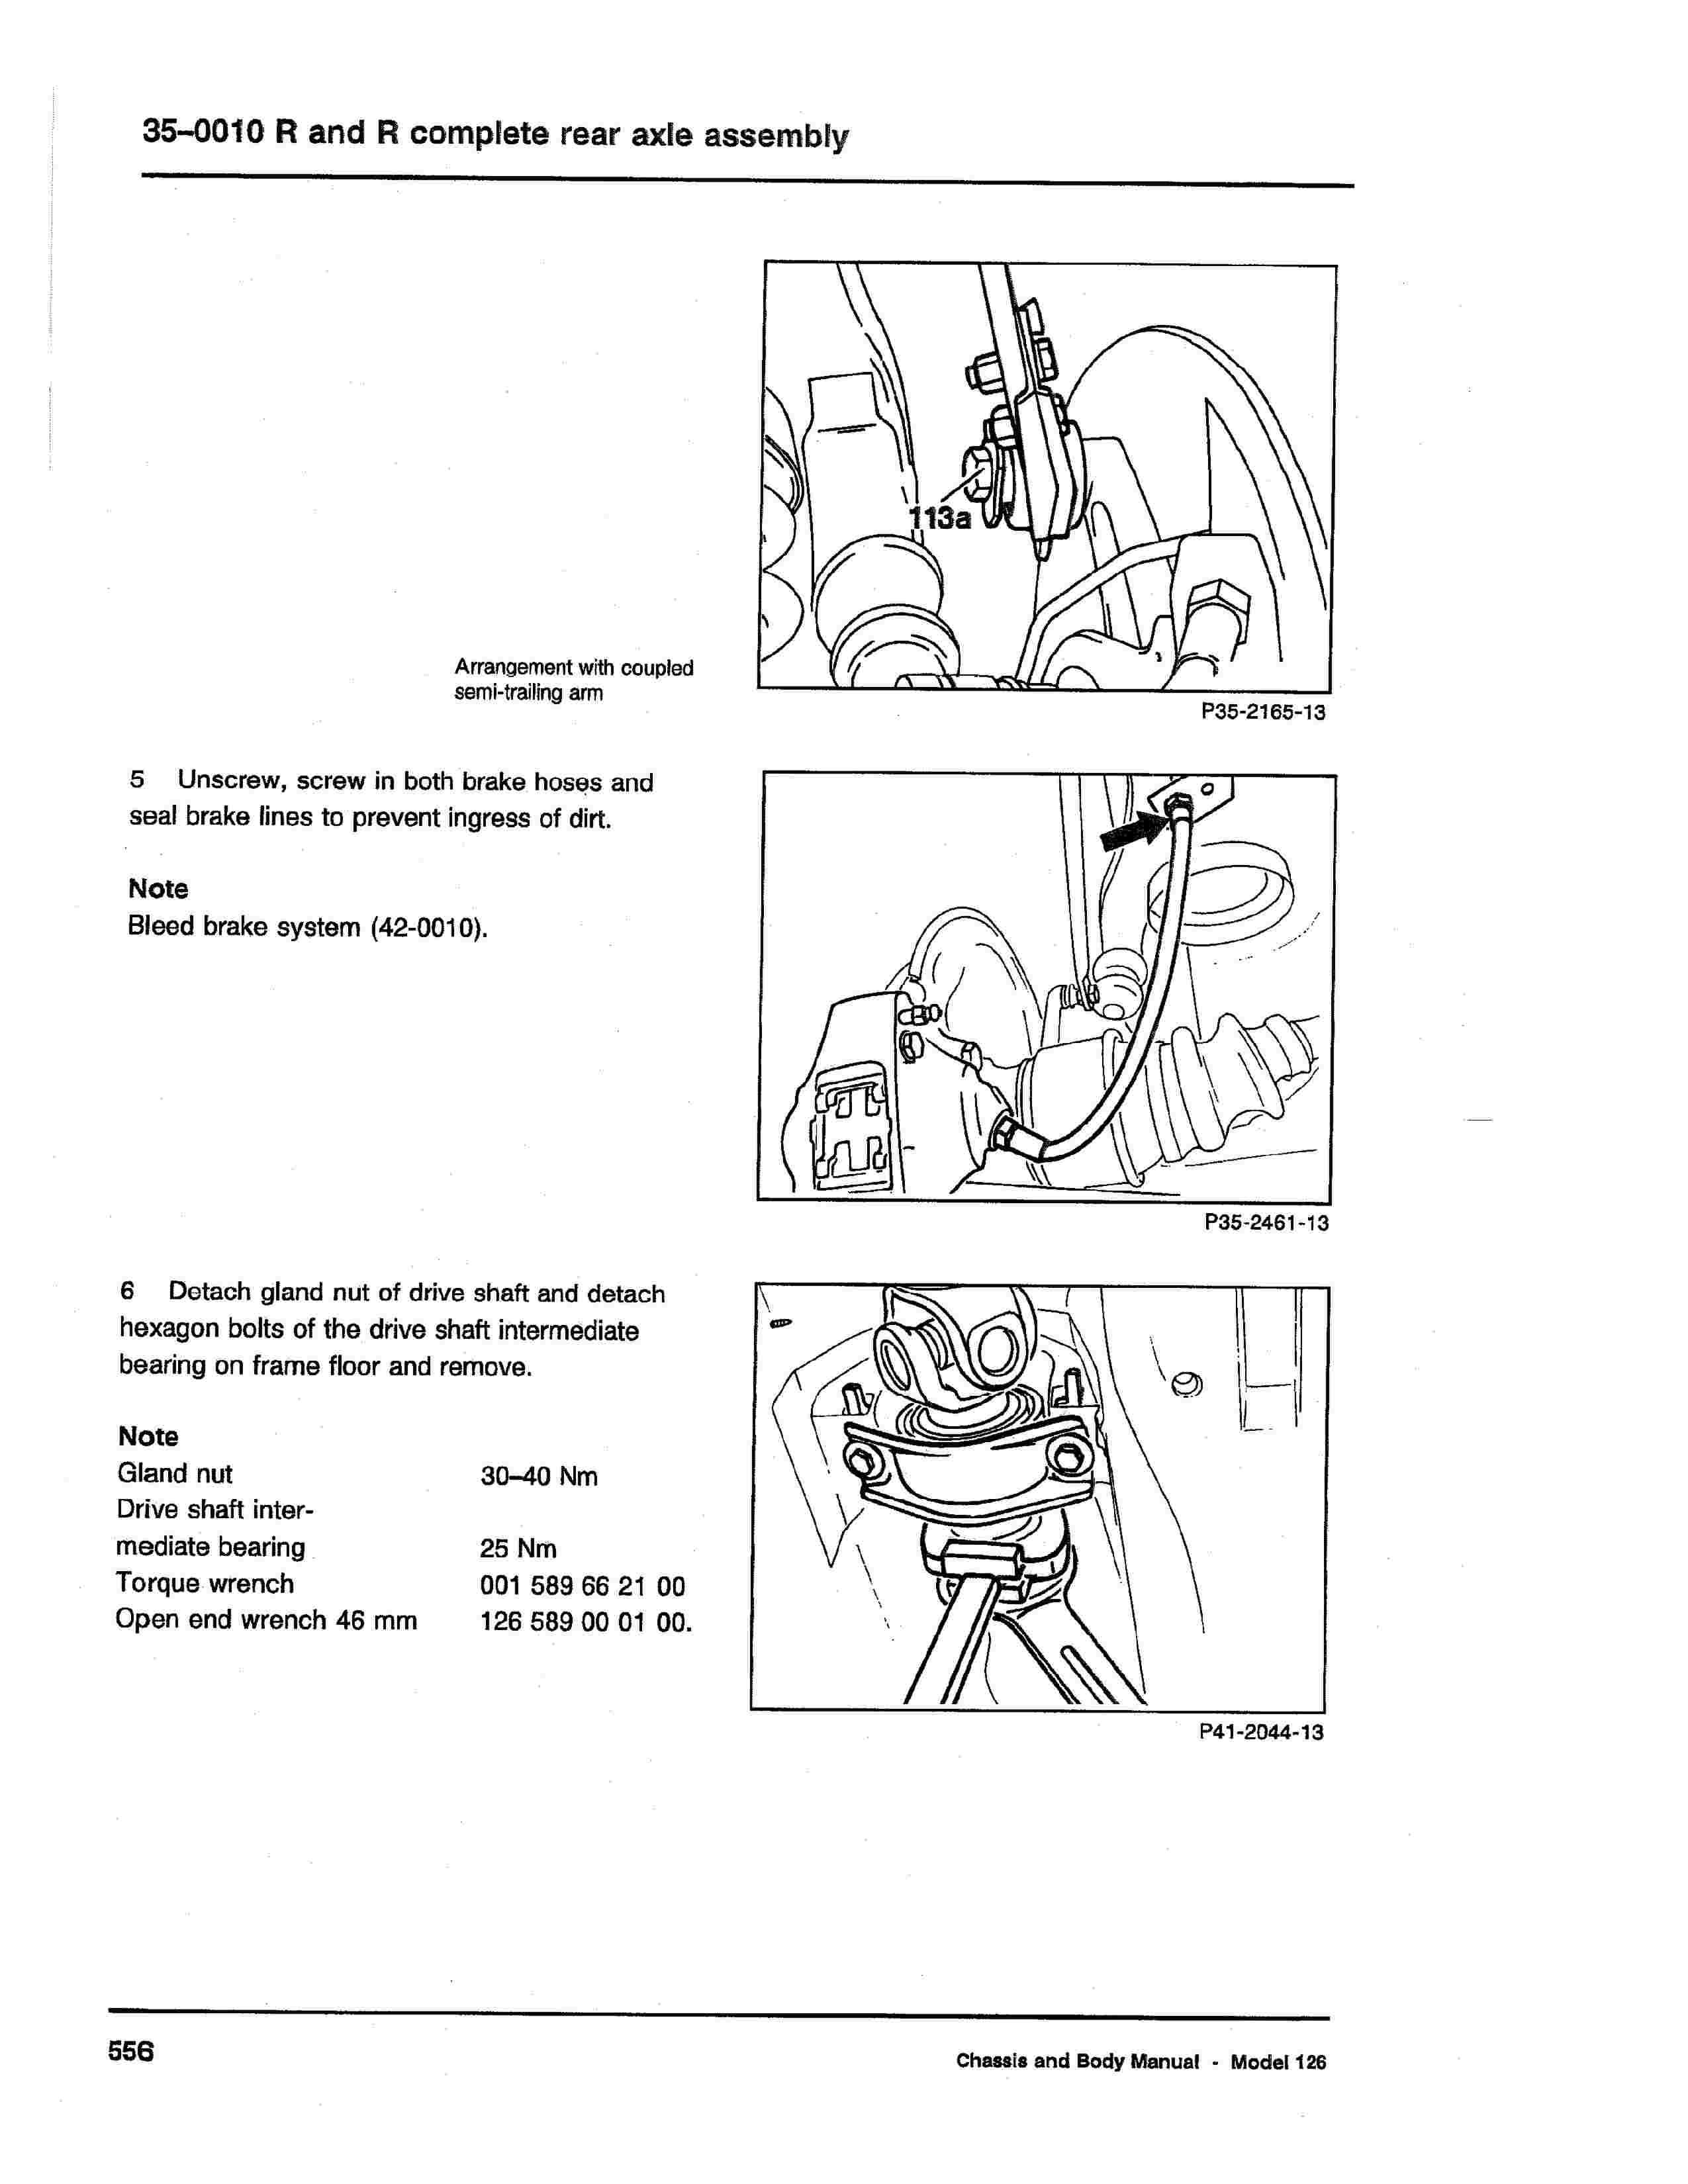 (W126): Diagrama completo da suspensão traseira  0005_233